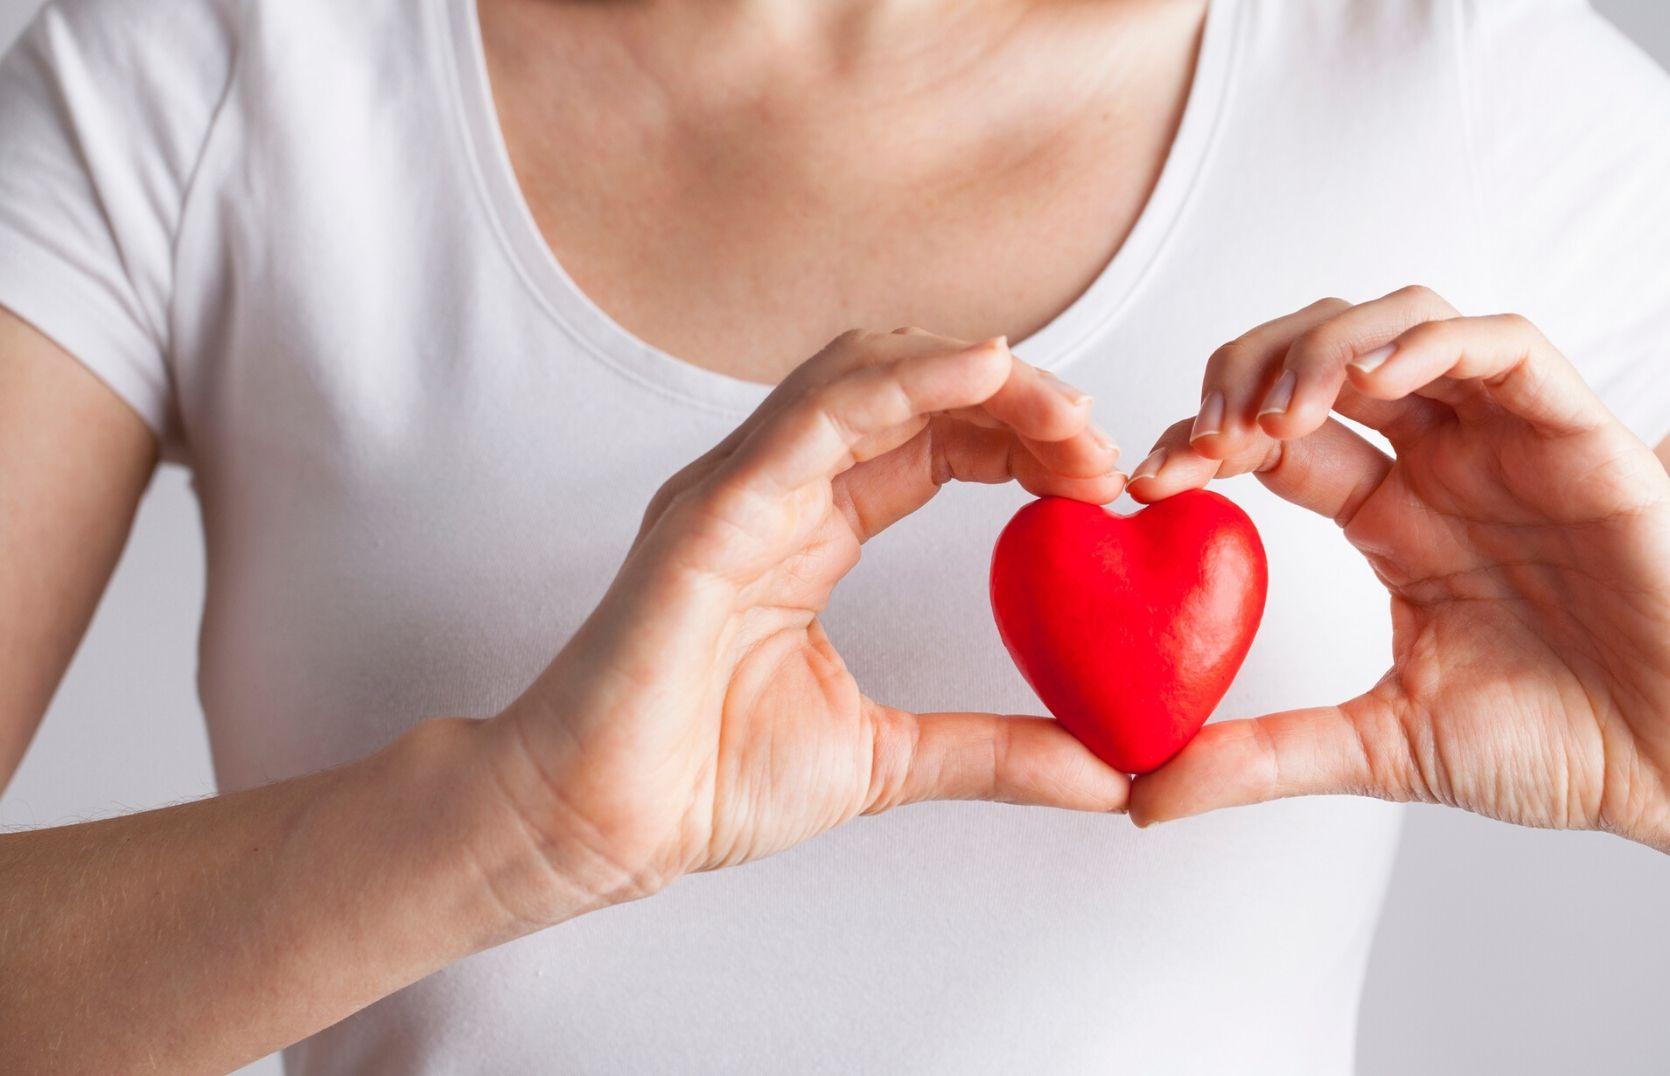 Első fokú hipertóniával szedik-e sergey grigor magas vérnyomás